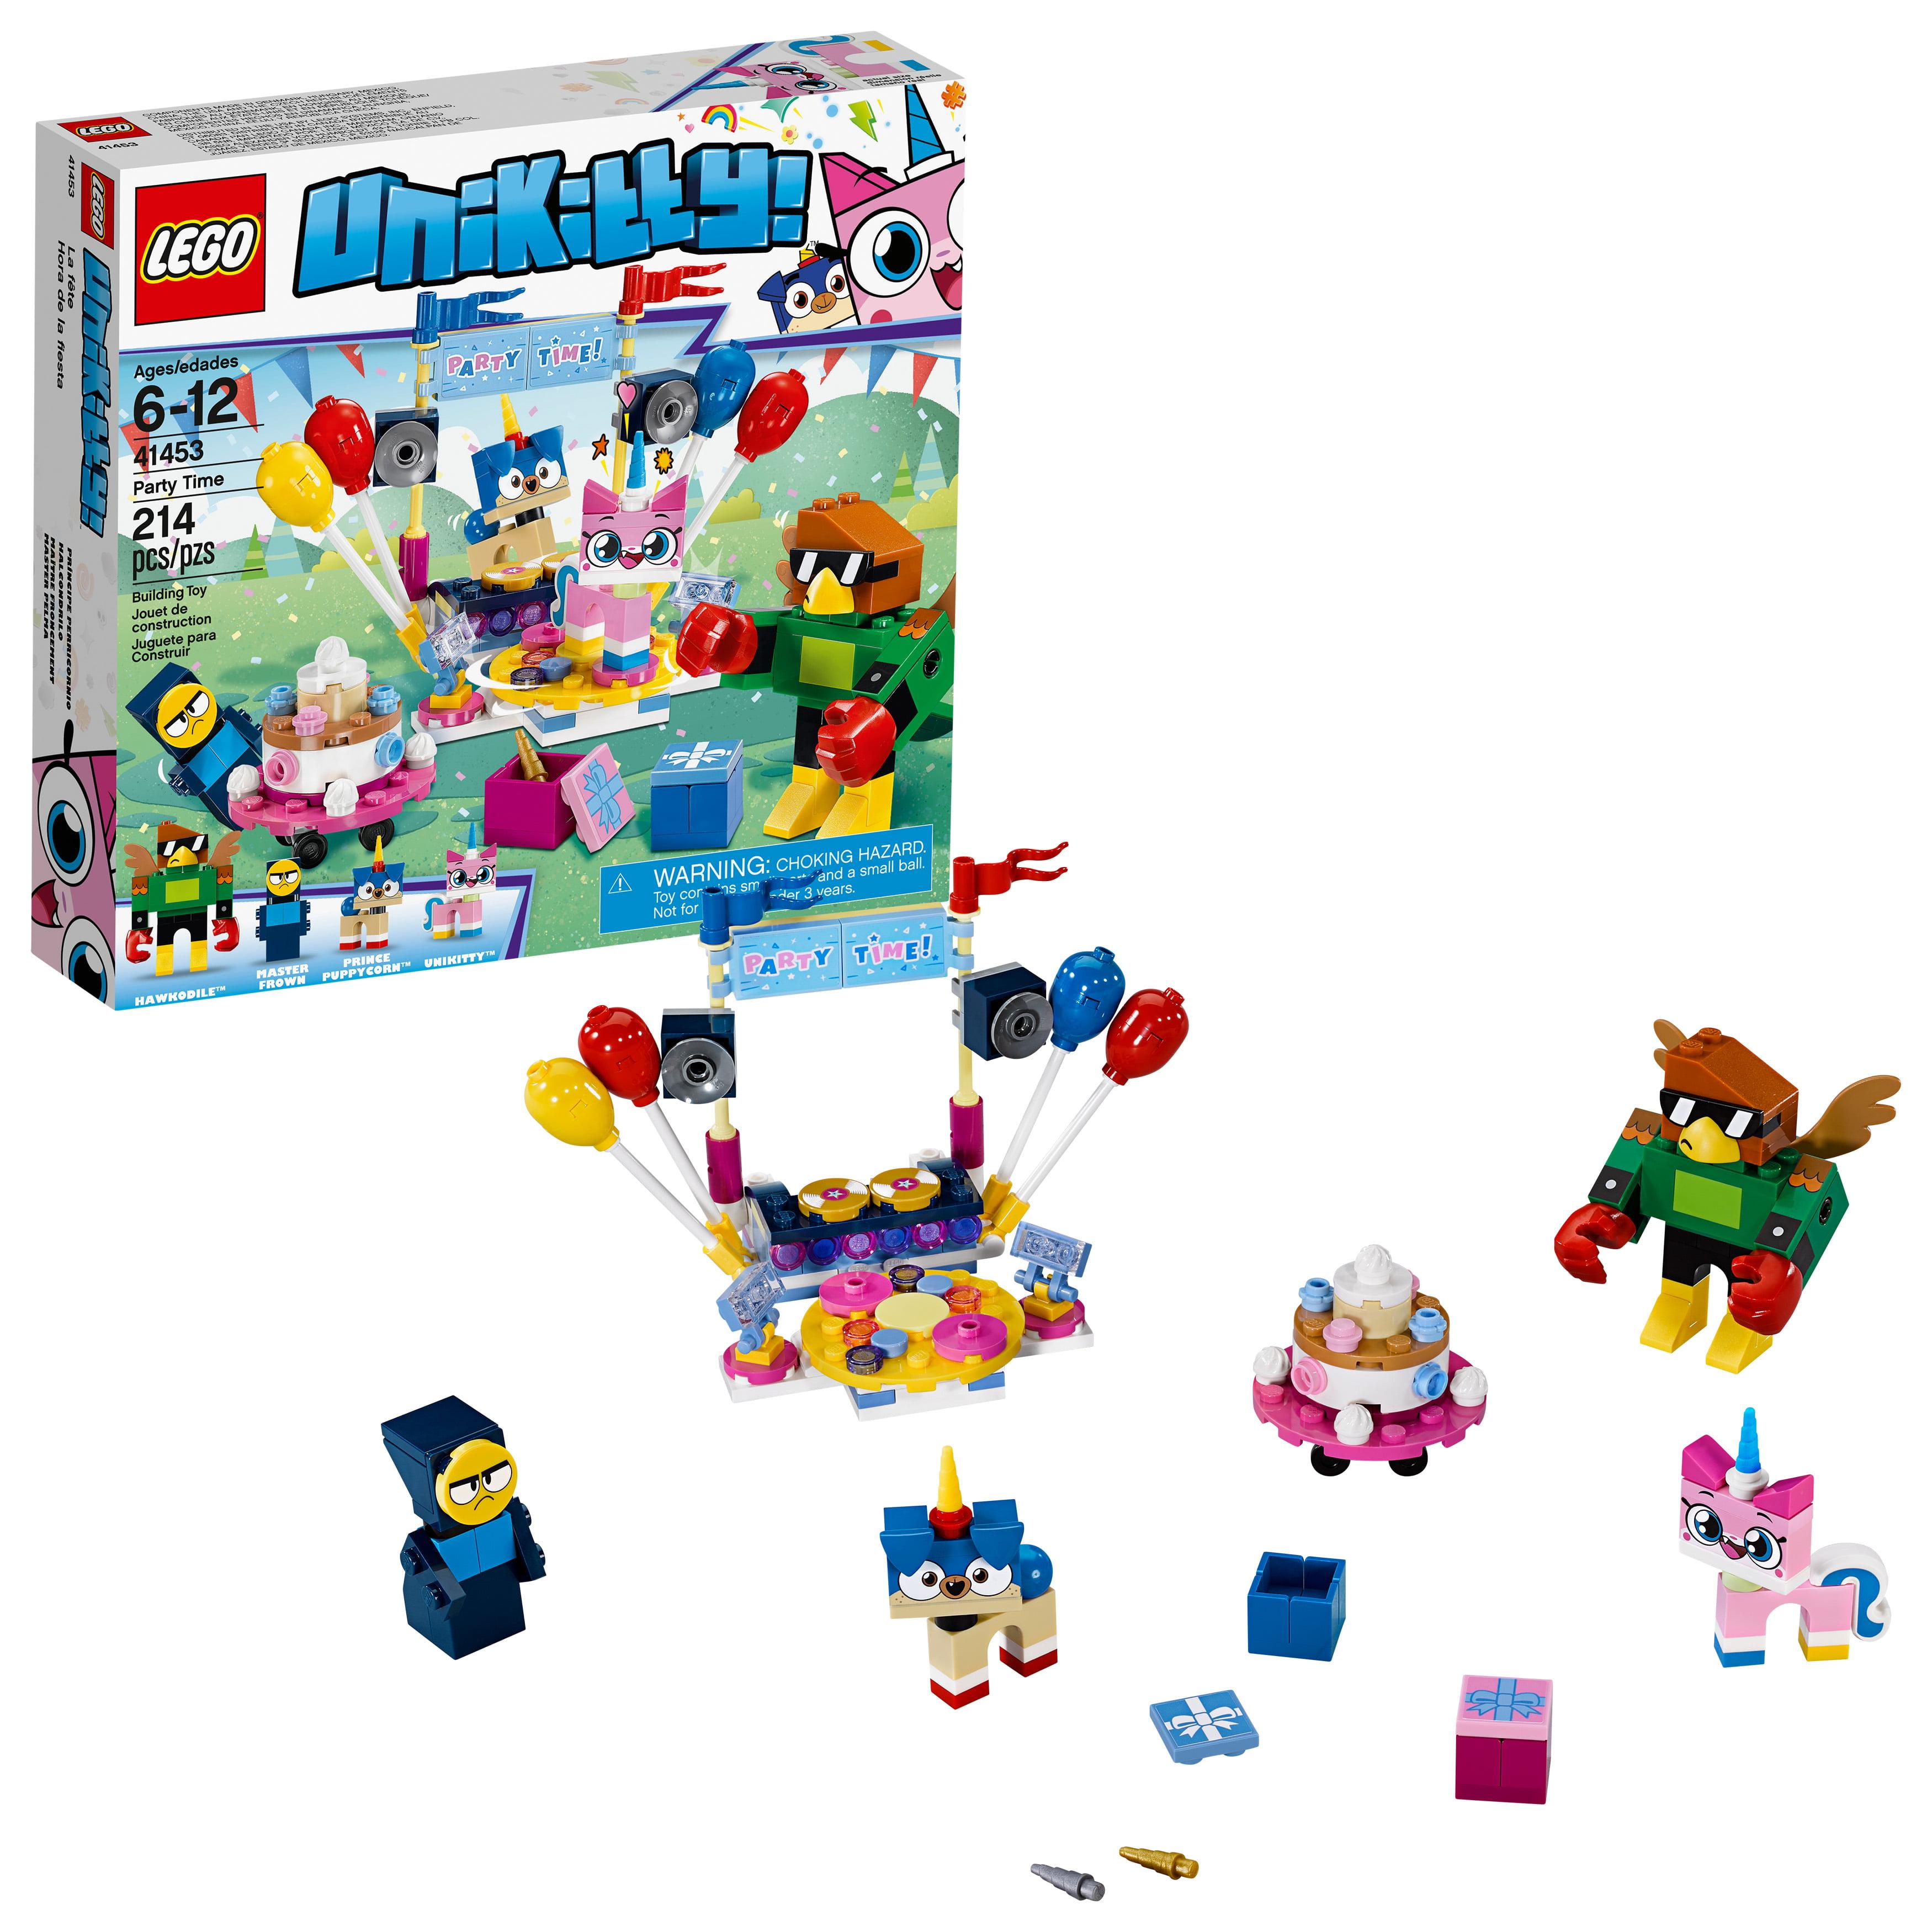 LEGO Unikitty Party Time41453